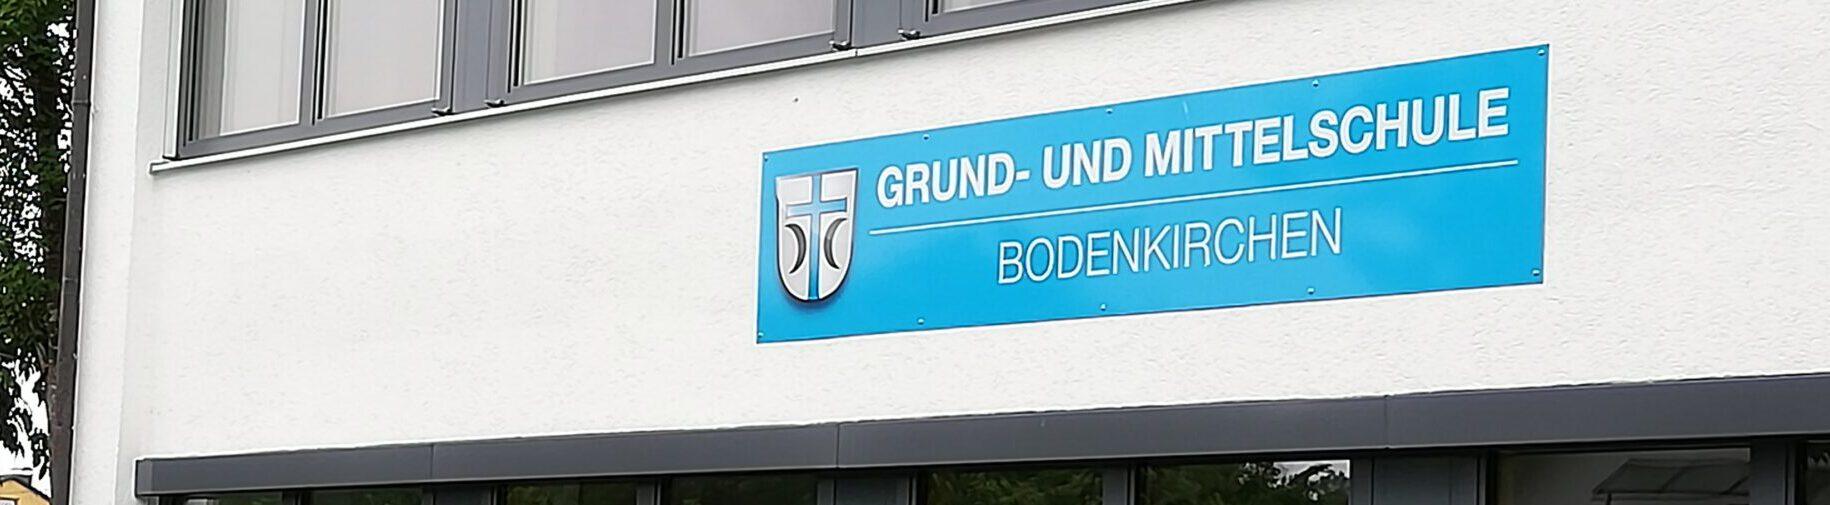 Grund- und Mittelschule Bodenkirchen